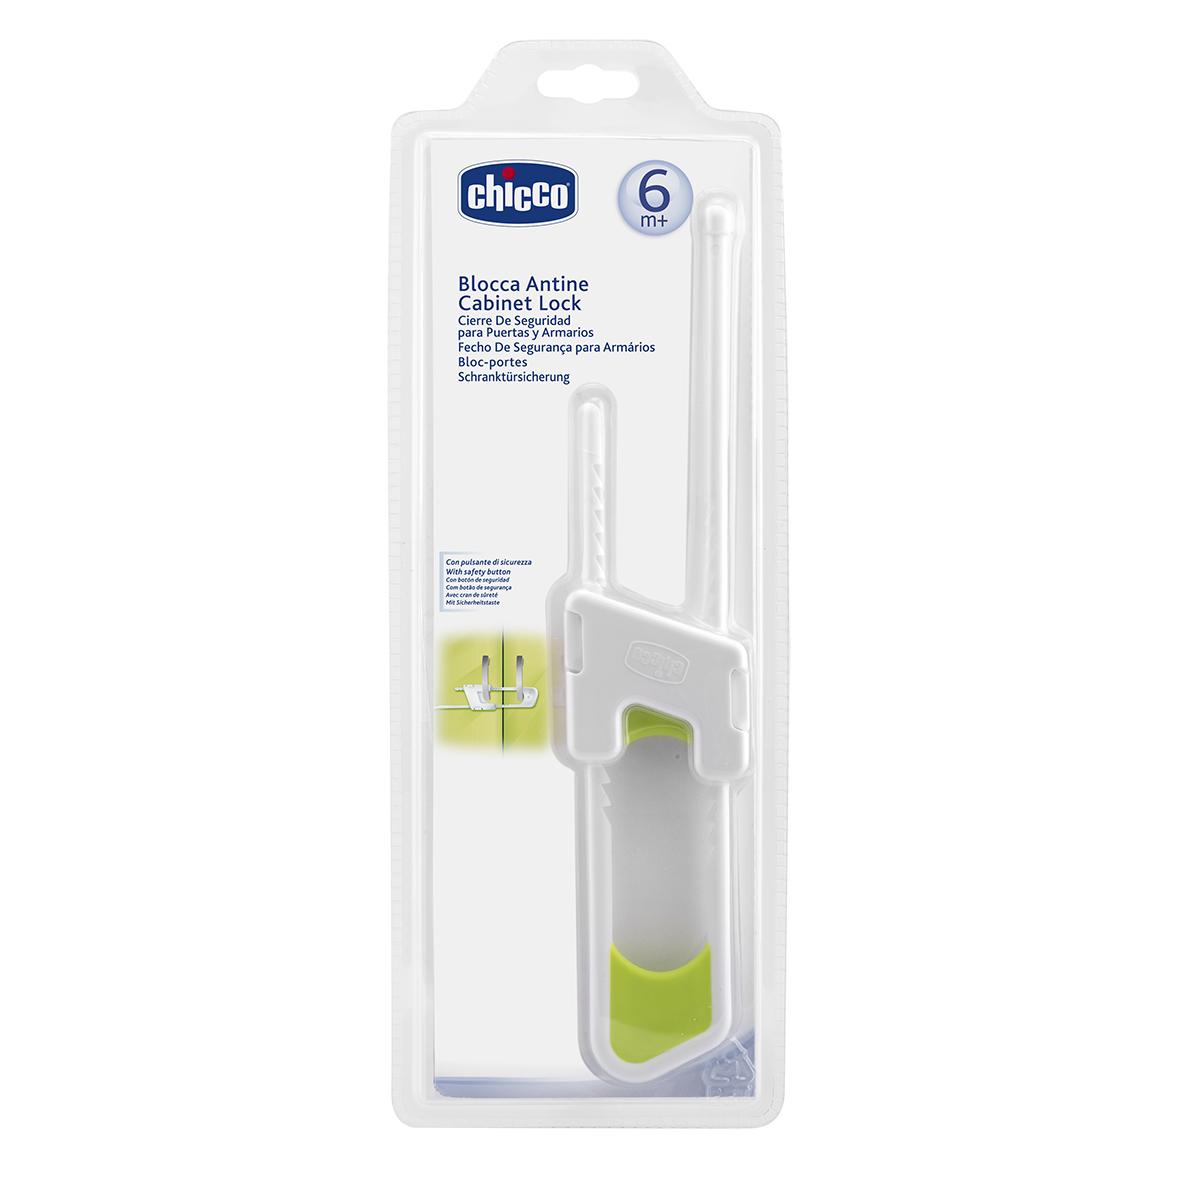 Chicco Блокиратор дверей шкафа589000000Блокиратор не позволит малышу открыть дверцы шкафа, тем самым, защитив его от повреждений. Блокиратор прост в использовании: он устанавливается на ручки дверей и блокирует их.